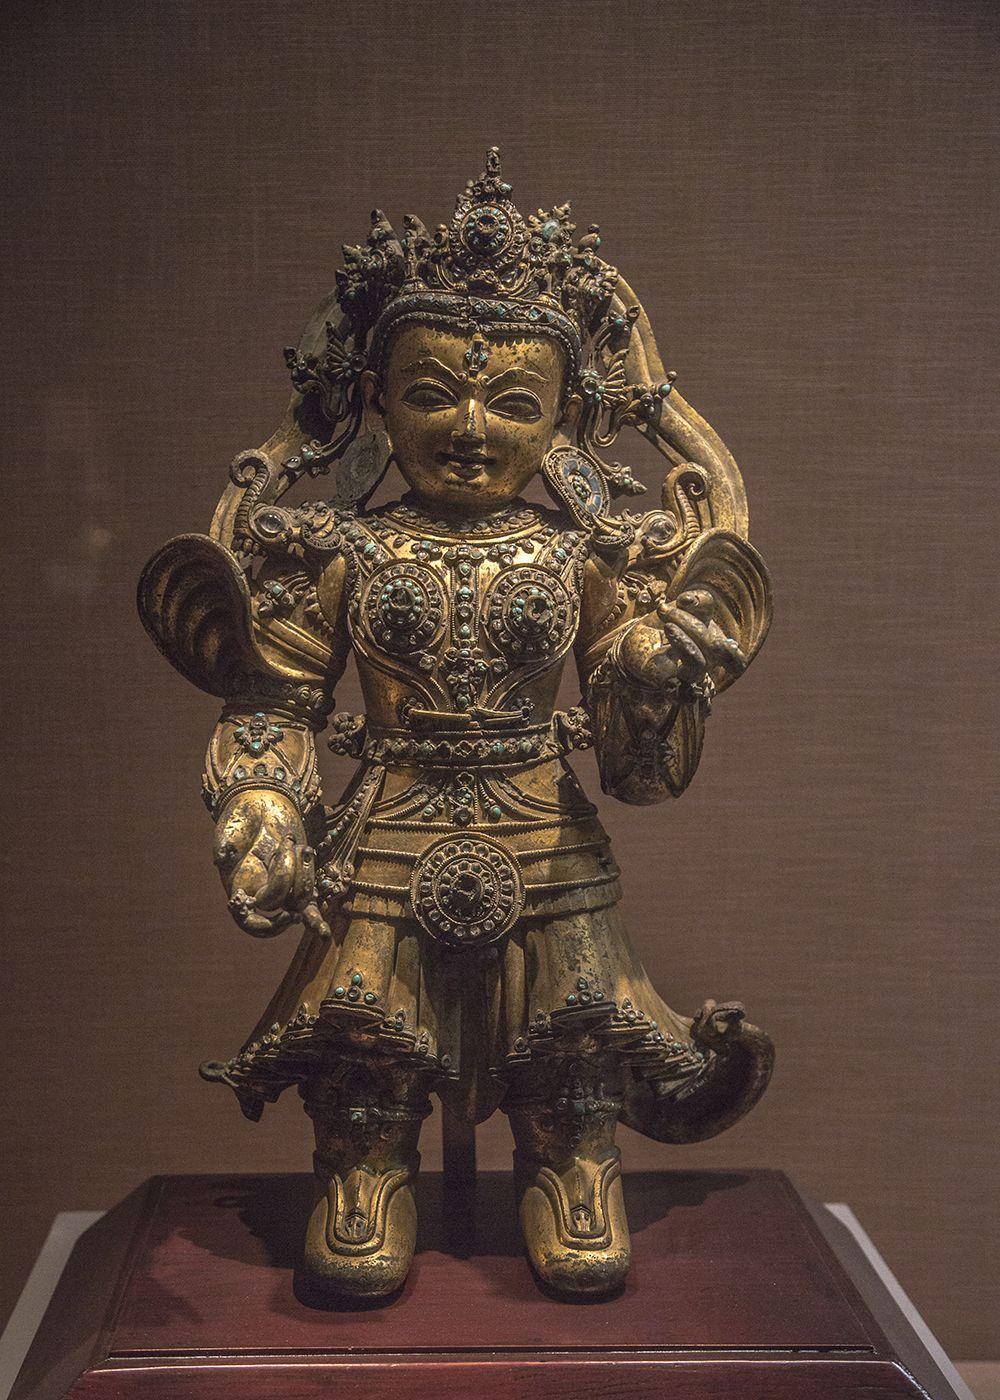 藏传佛教造像艺术,明代,藏传佛像艺术的鼎盛时期